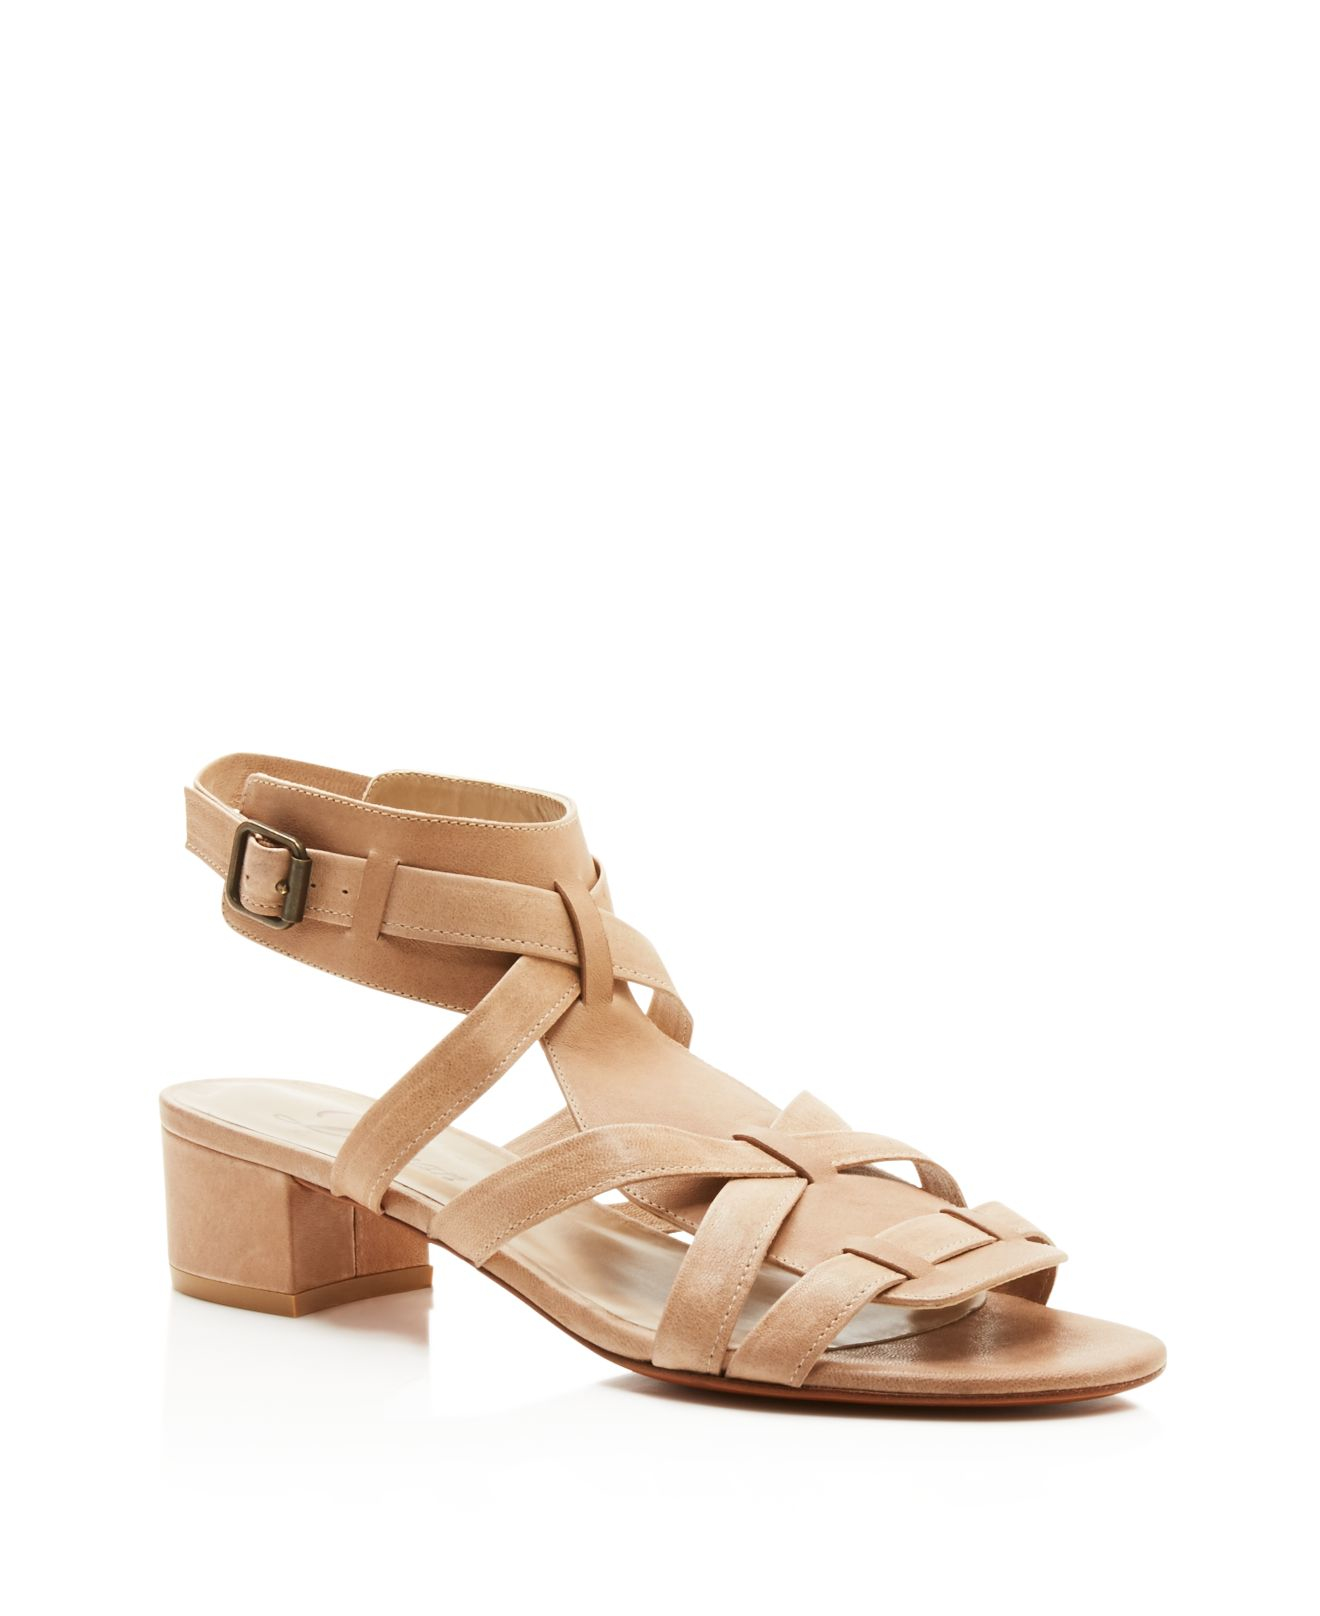 Delman Women S Shoes